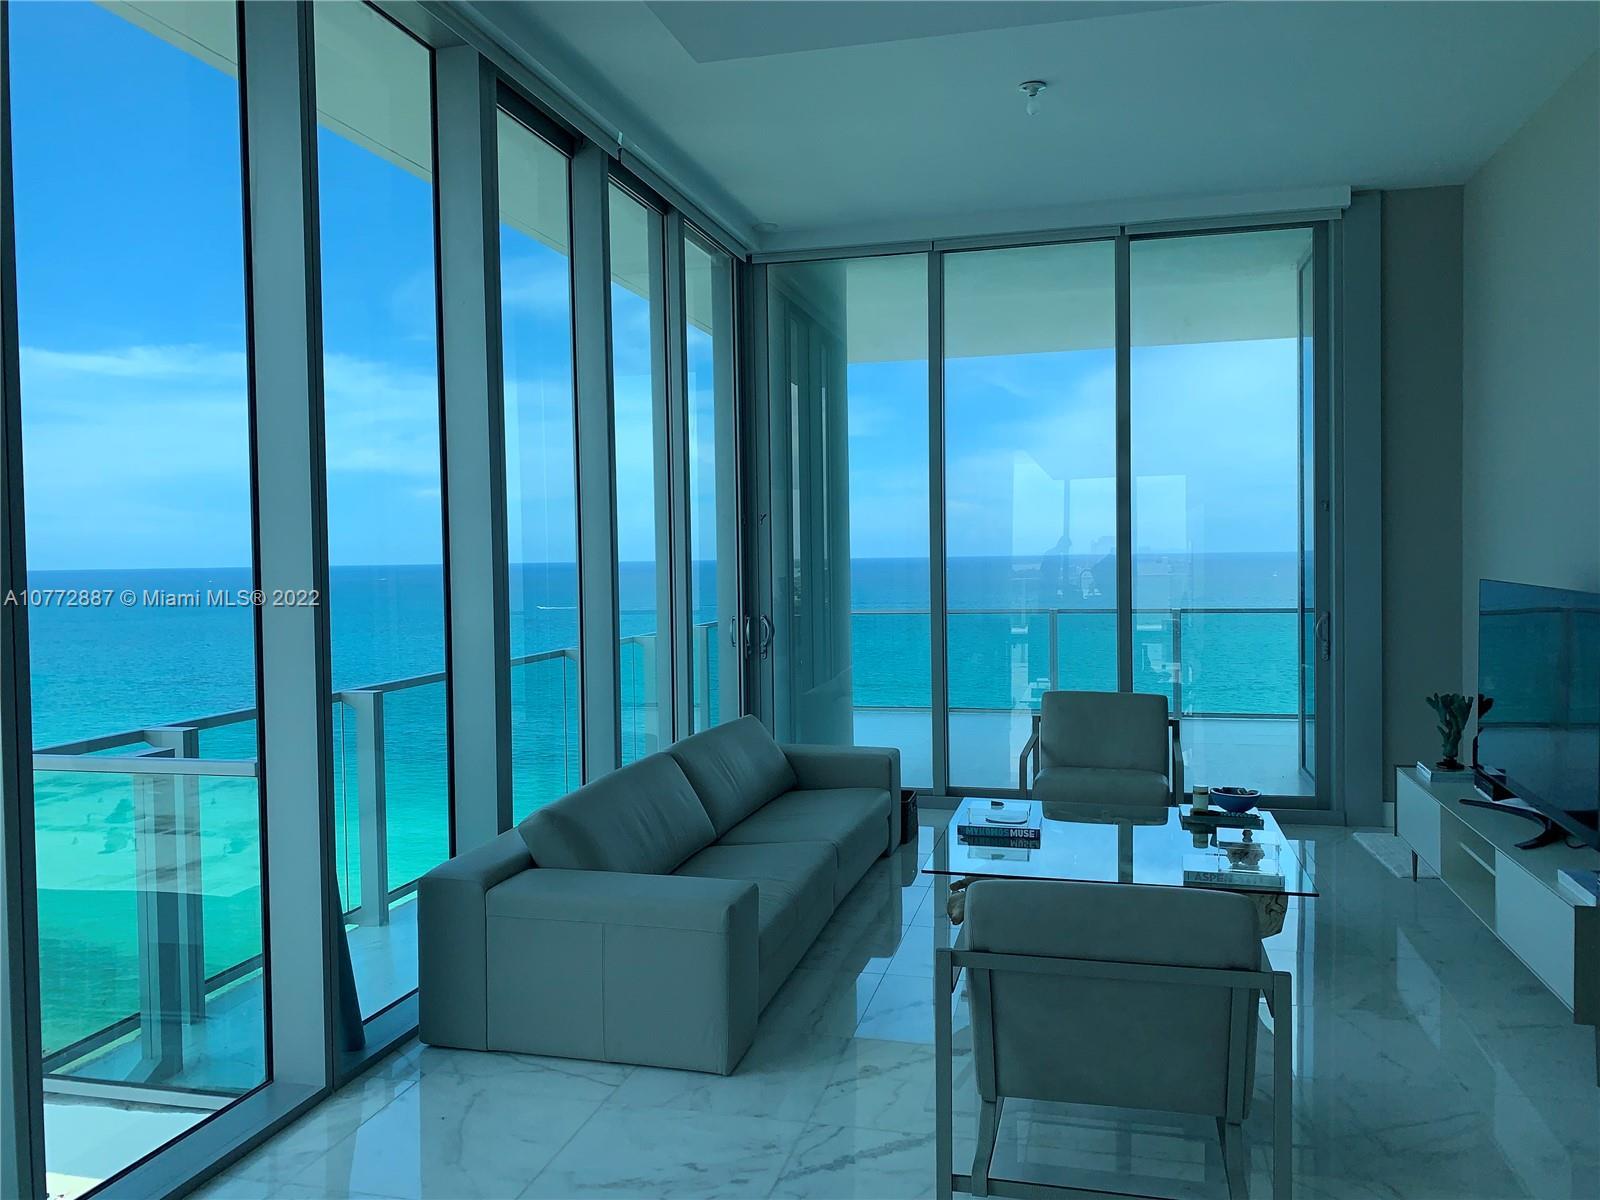 6901 Collins Ave Unit 1603, Miami Beach, Florida 33141